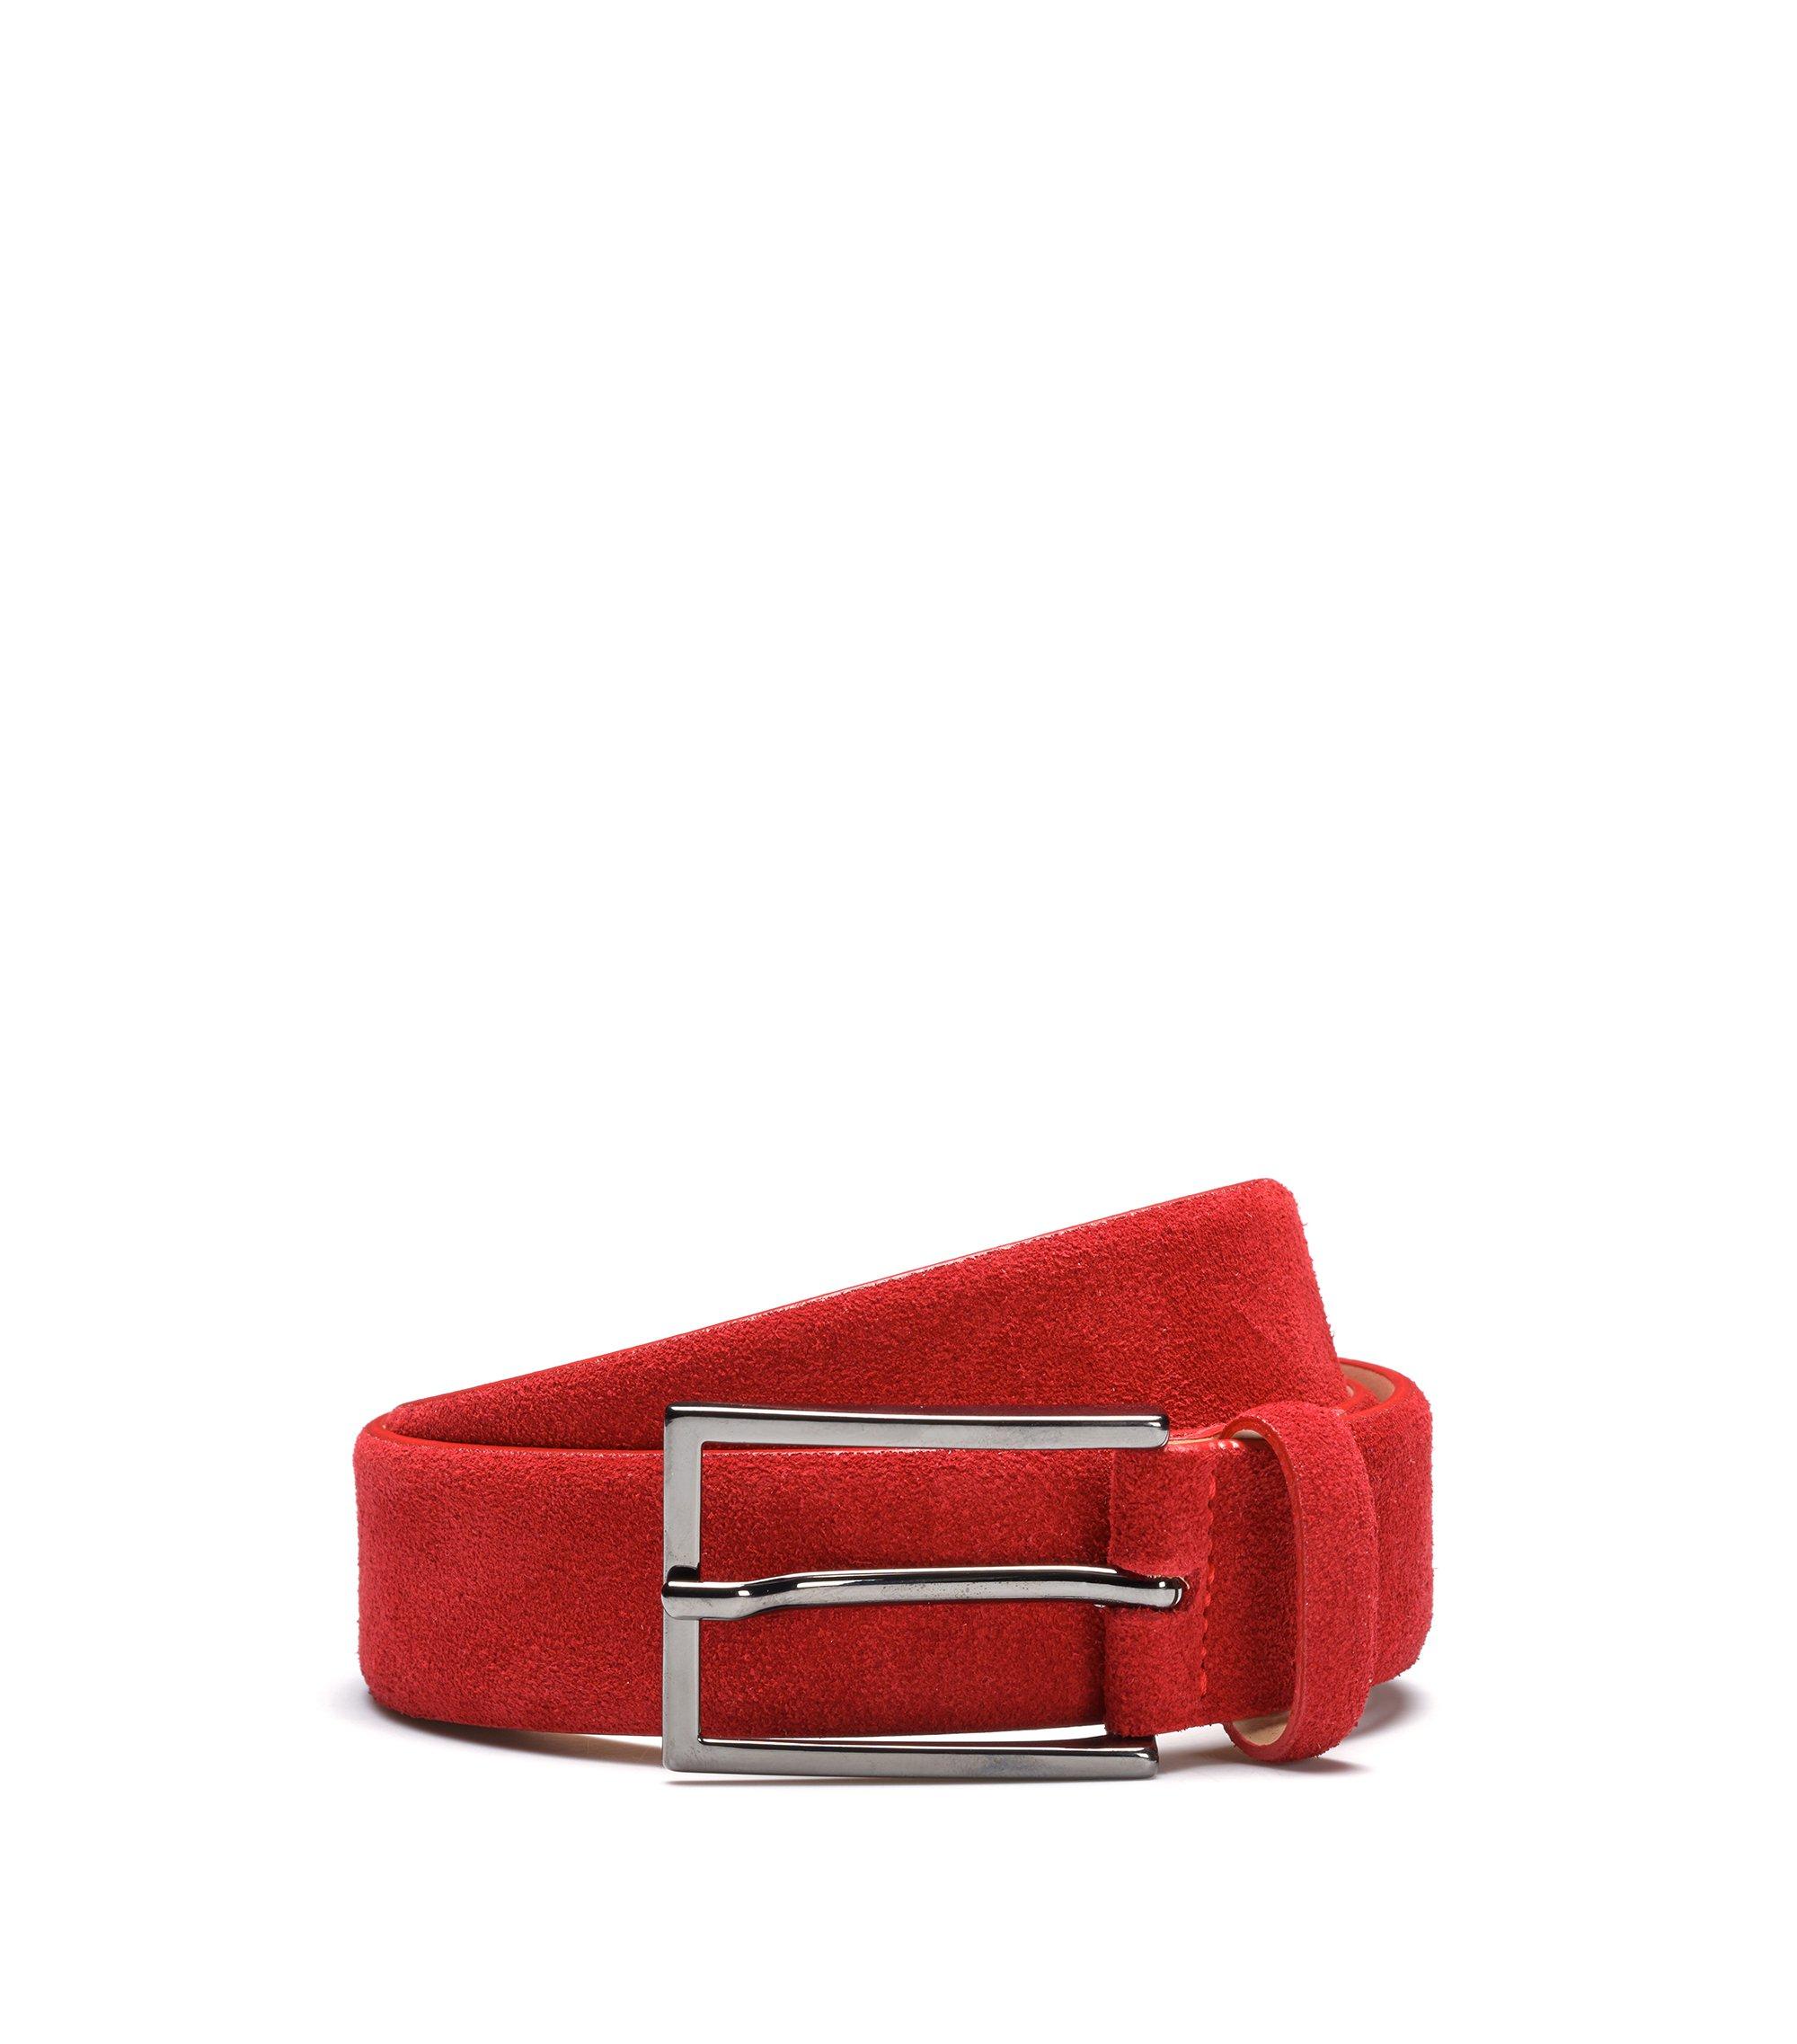 Gürtel aus Veloursleder mit charakteristischen Naht-Details, Rot